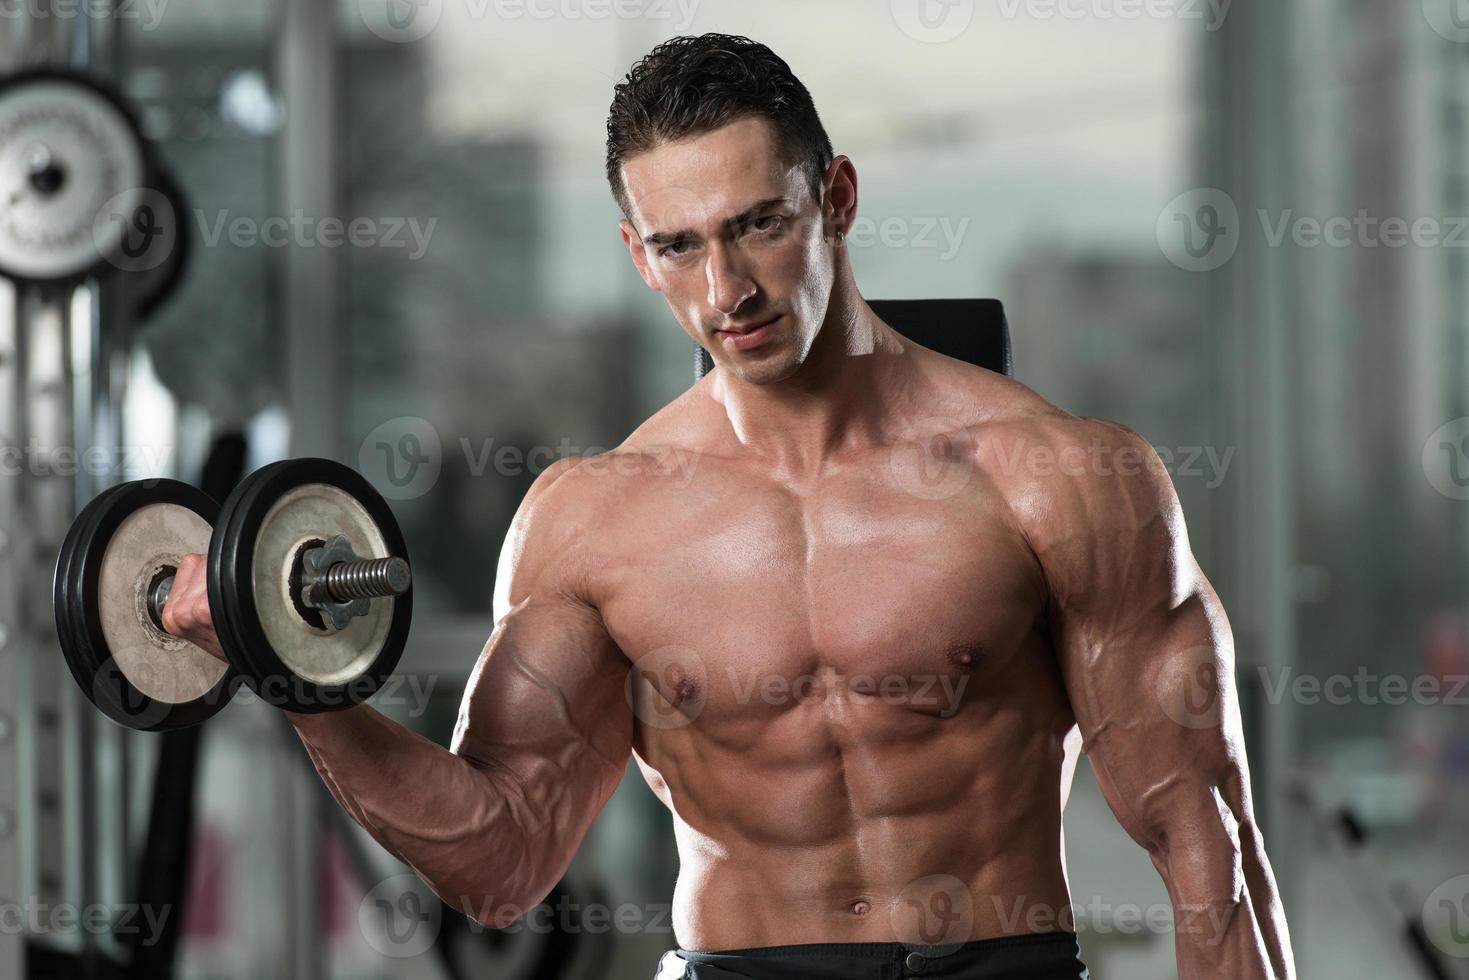 jovem fazendo exercício para bíceps foto